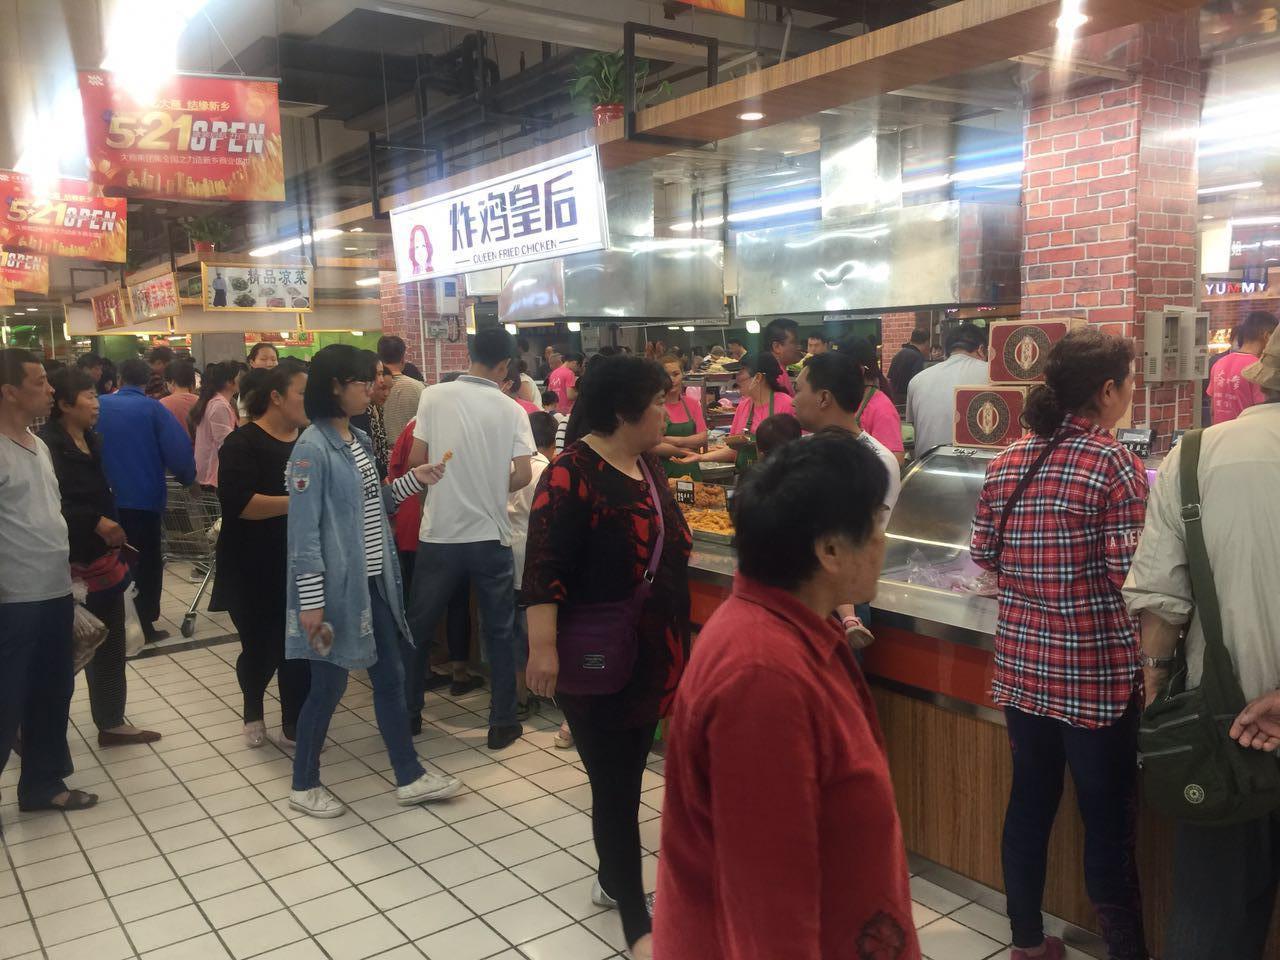 炸鸡皇后新店开业: 多款美食等你来品尝!